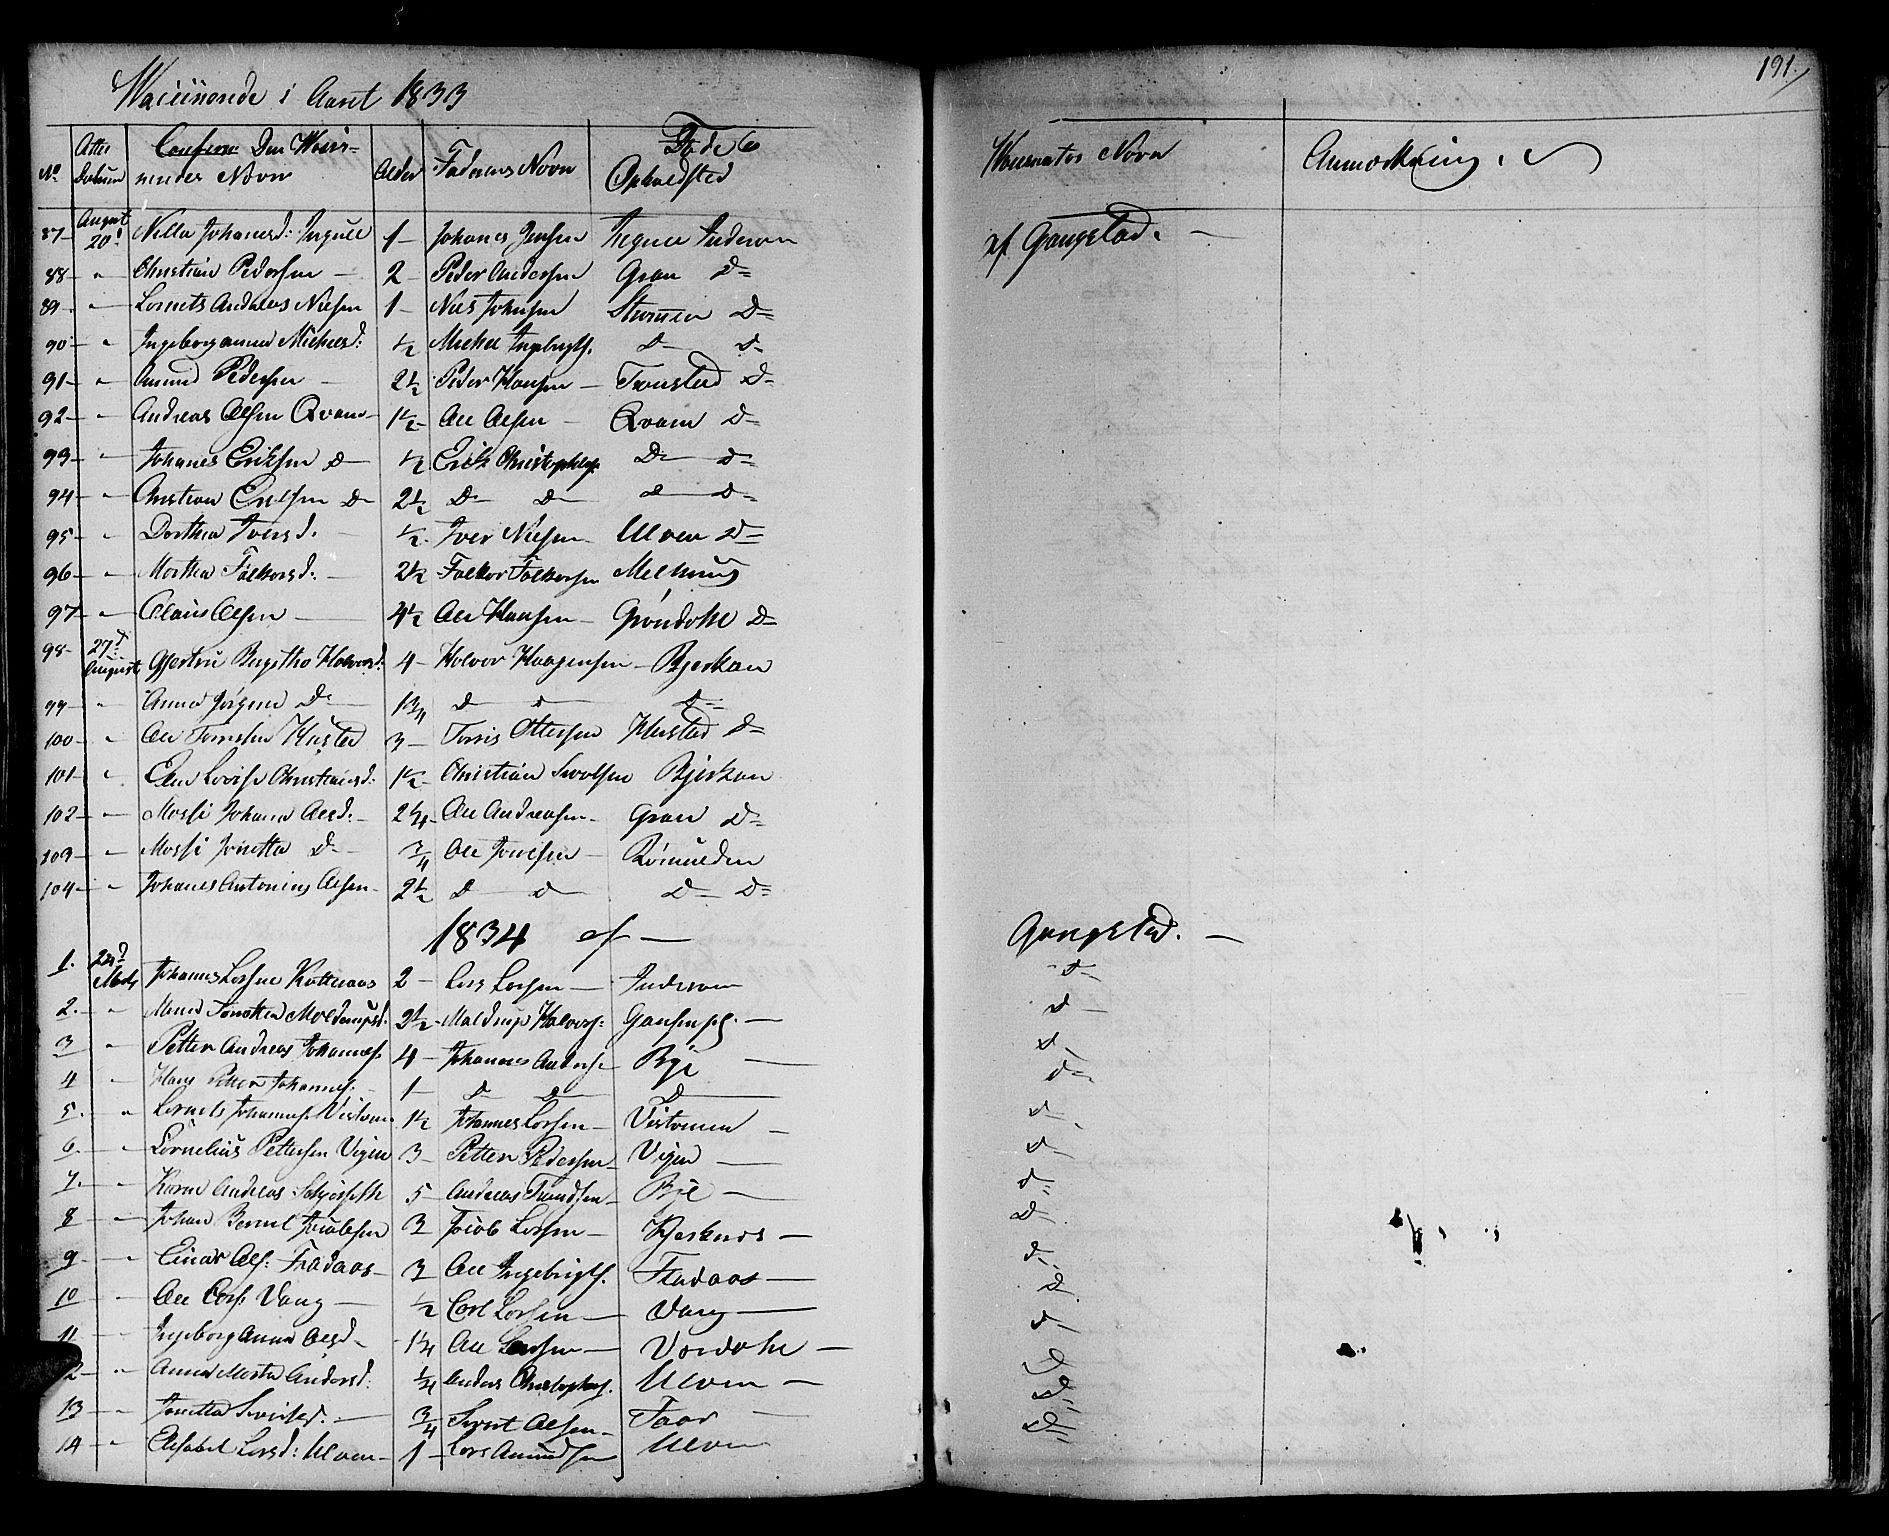 SAT, Ministerialprotokoller, klokkerbøker og fødselsregistre - Nord-Trøndelag, 730/L0277: Ministerialbok nr. 730A06 /1, 1830-1839, s. 191